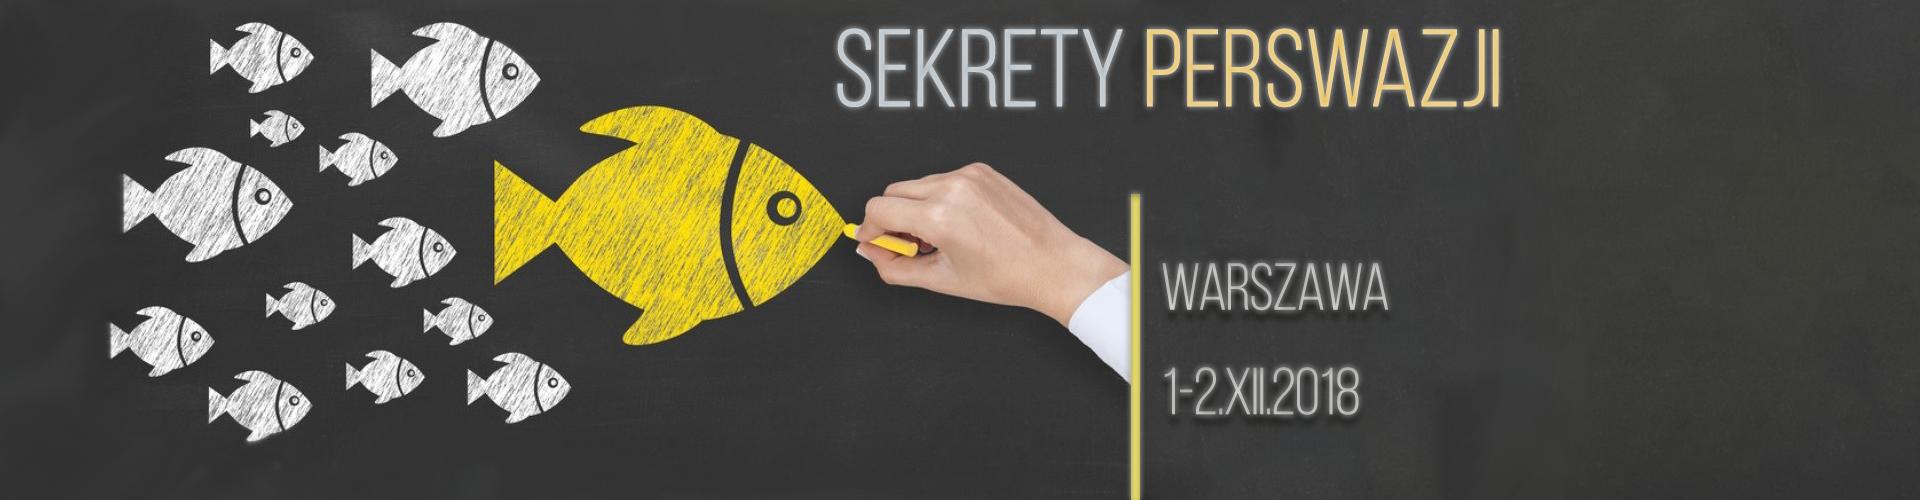 SEKRETY-PERSWAZJI-1